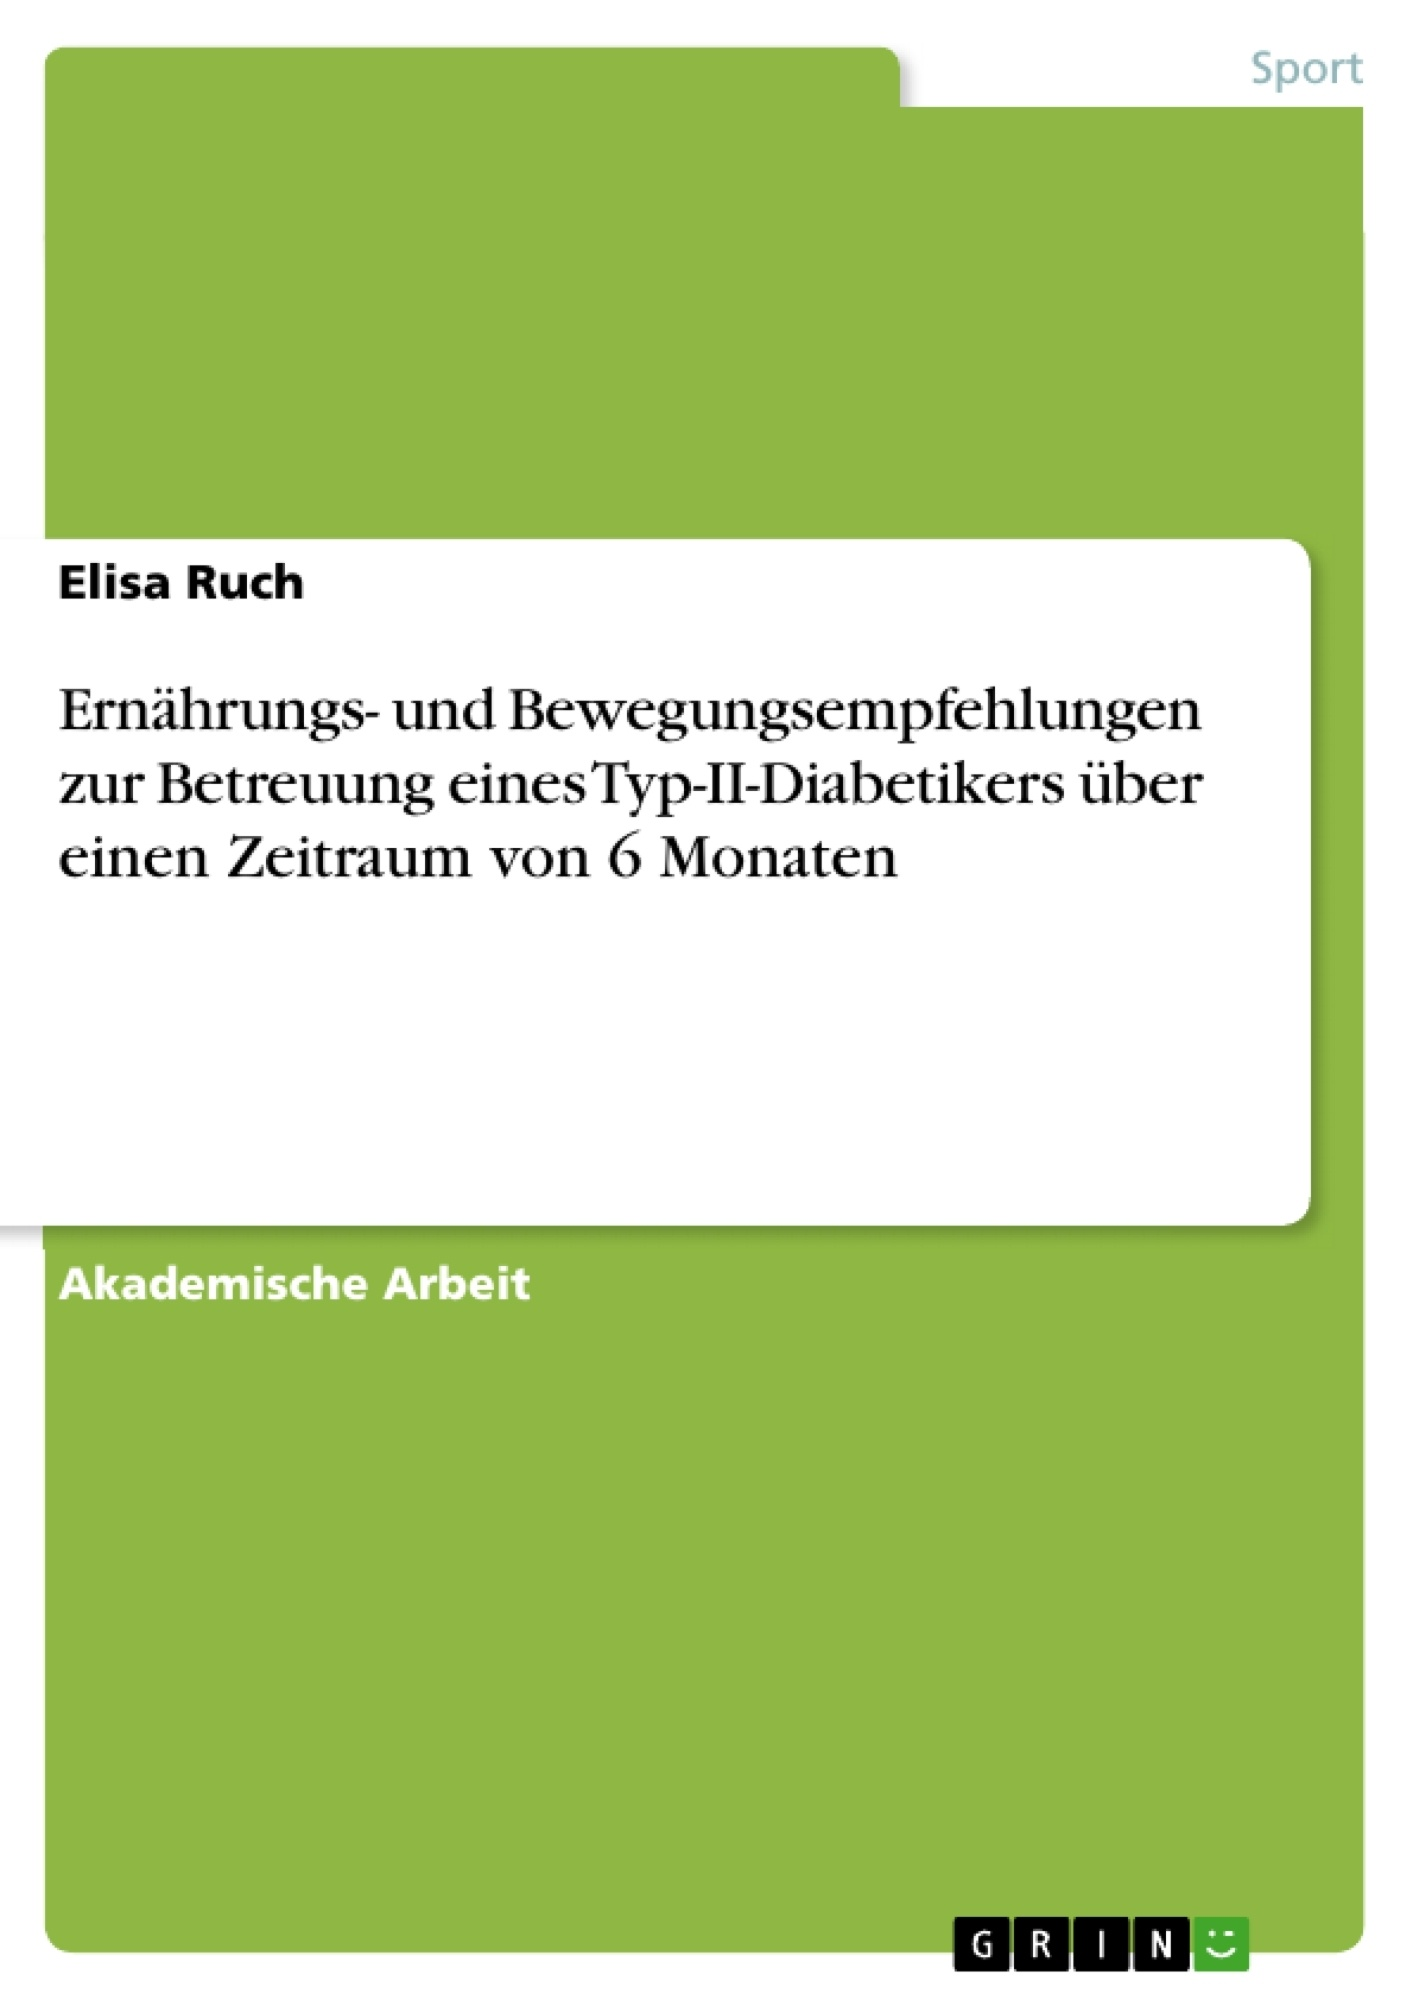 Titel: Ernährungs- und Bewegungsempfehlungen zur Betreuung eines Typ-II-Diabetikers über einen Zeitraum von 6 Monaten